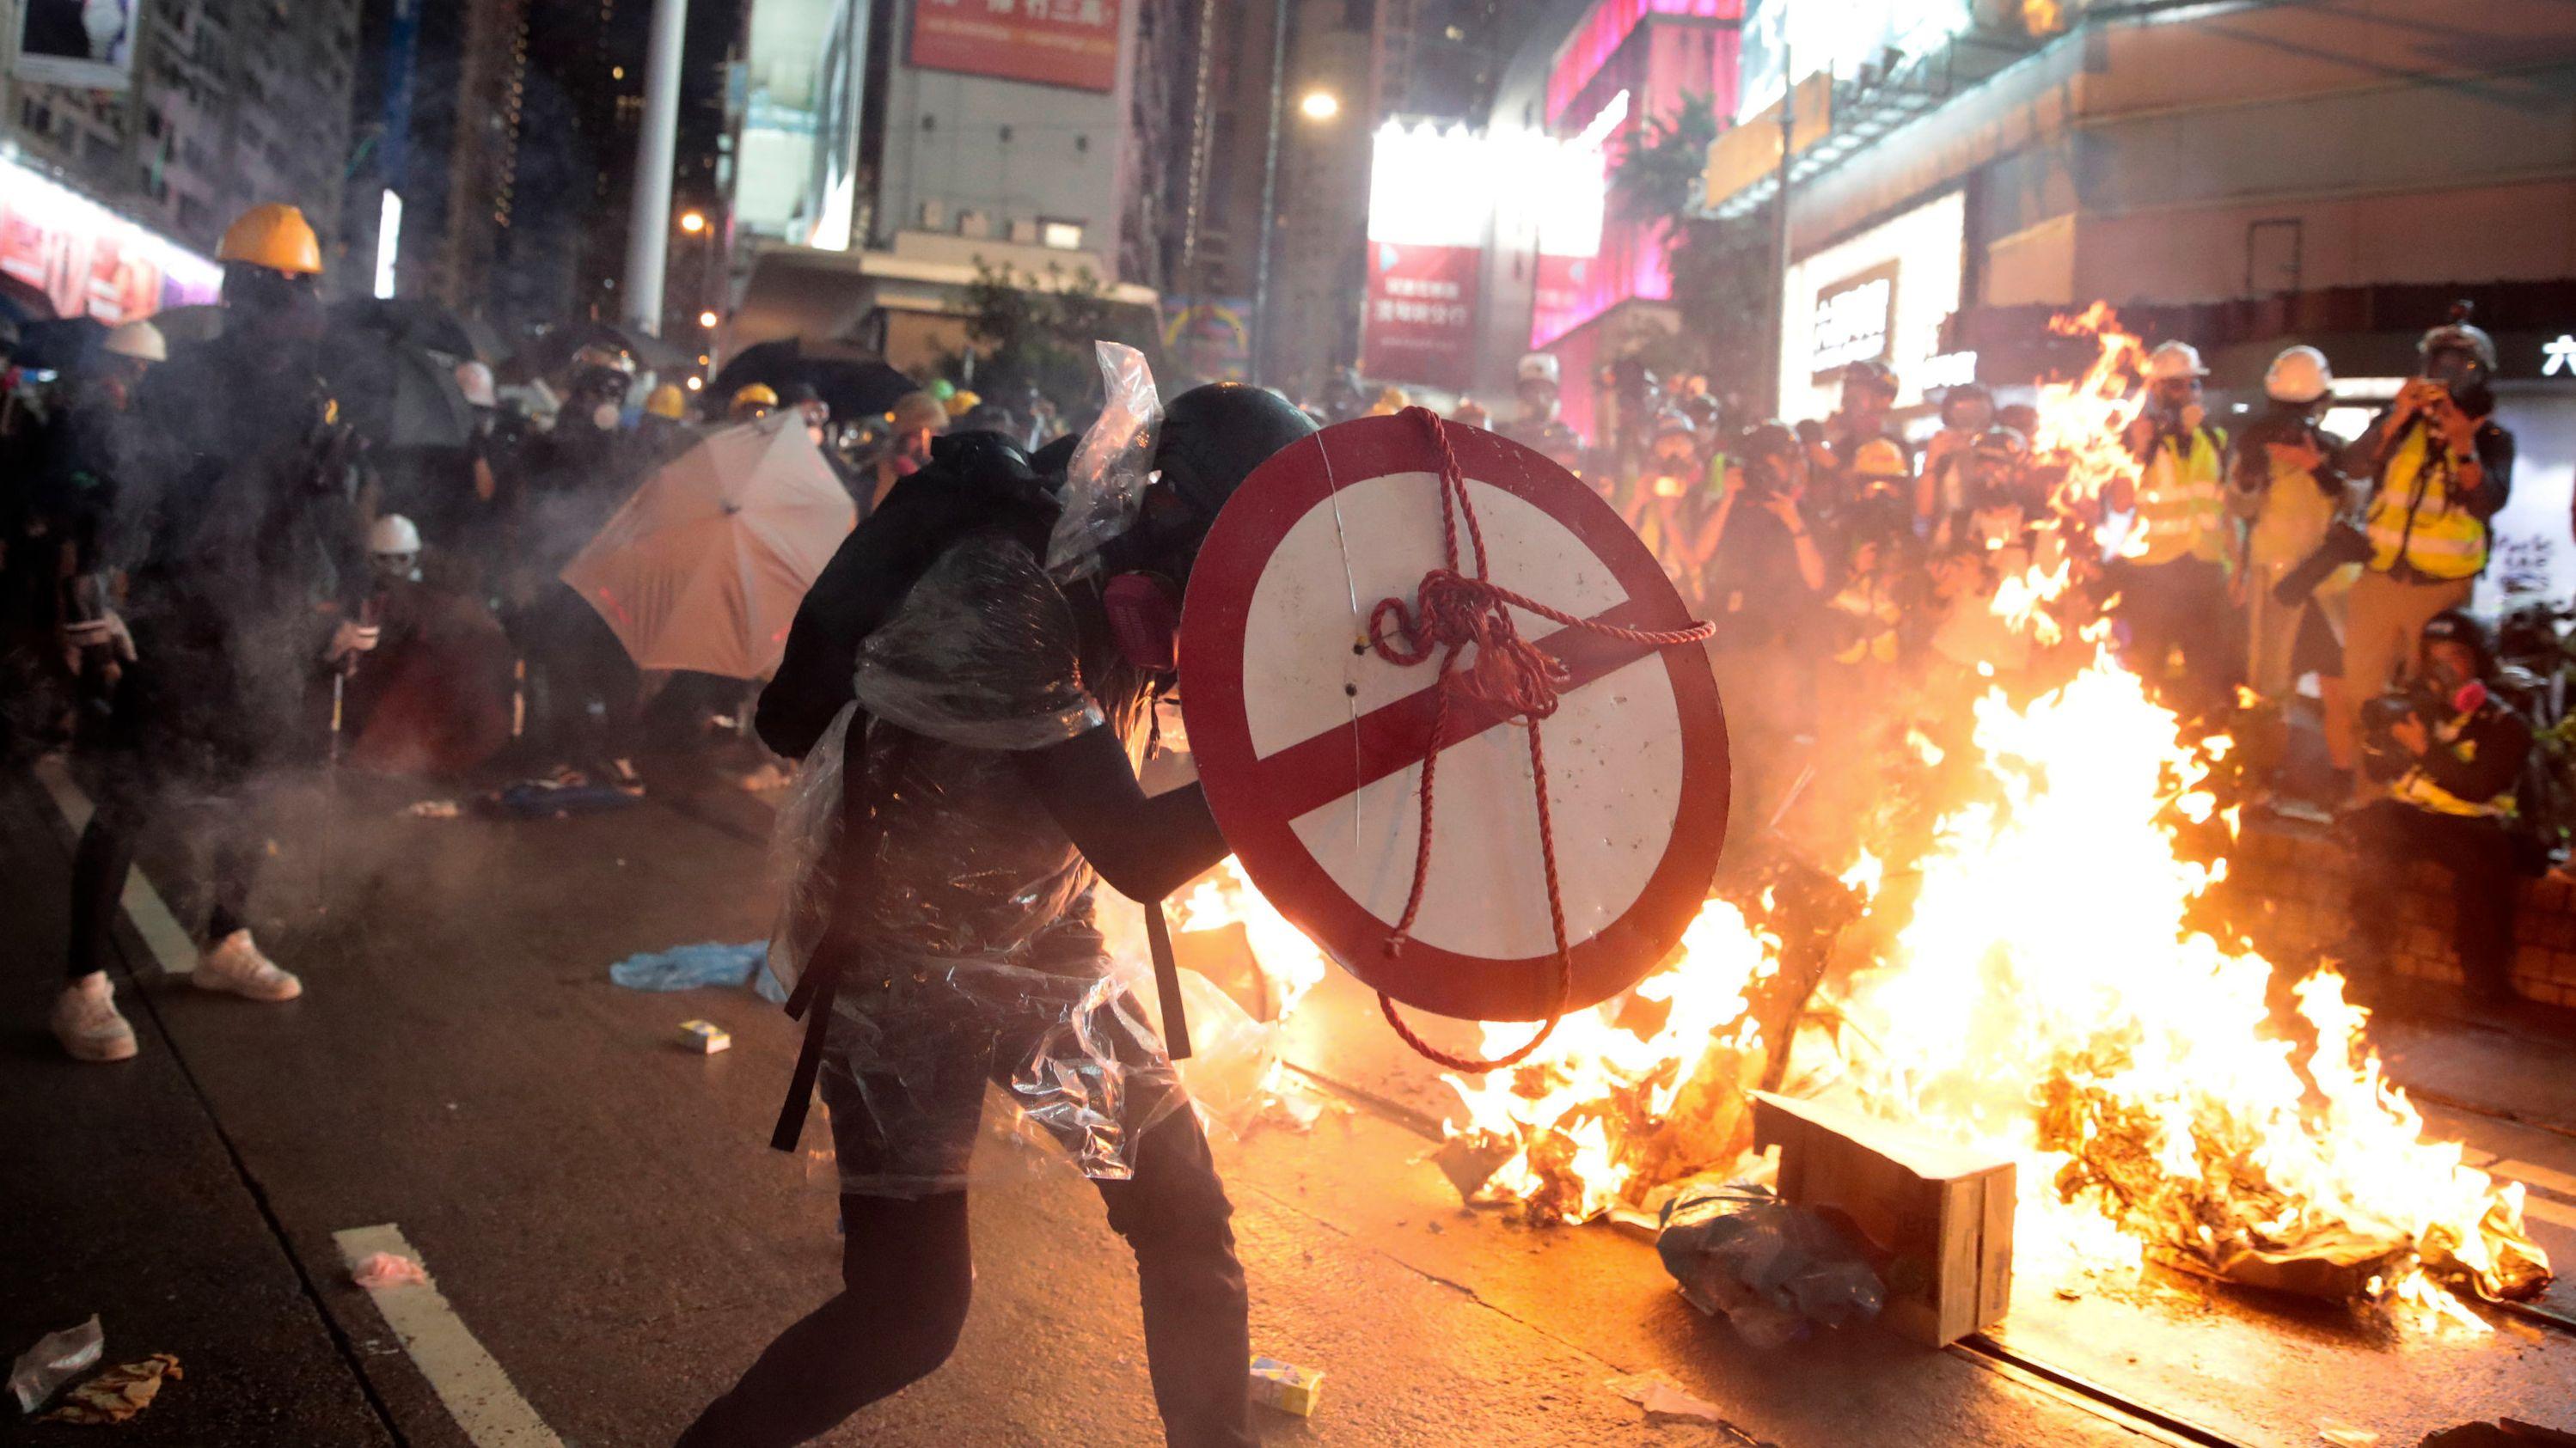 Ein Demonstrant in Hongkong geht hinter einem Schild in Deckung, während im Hintergrund ein Feuer brennt.